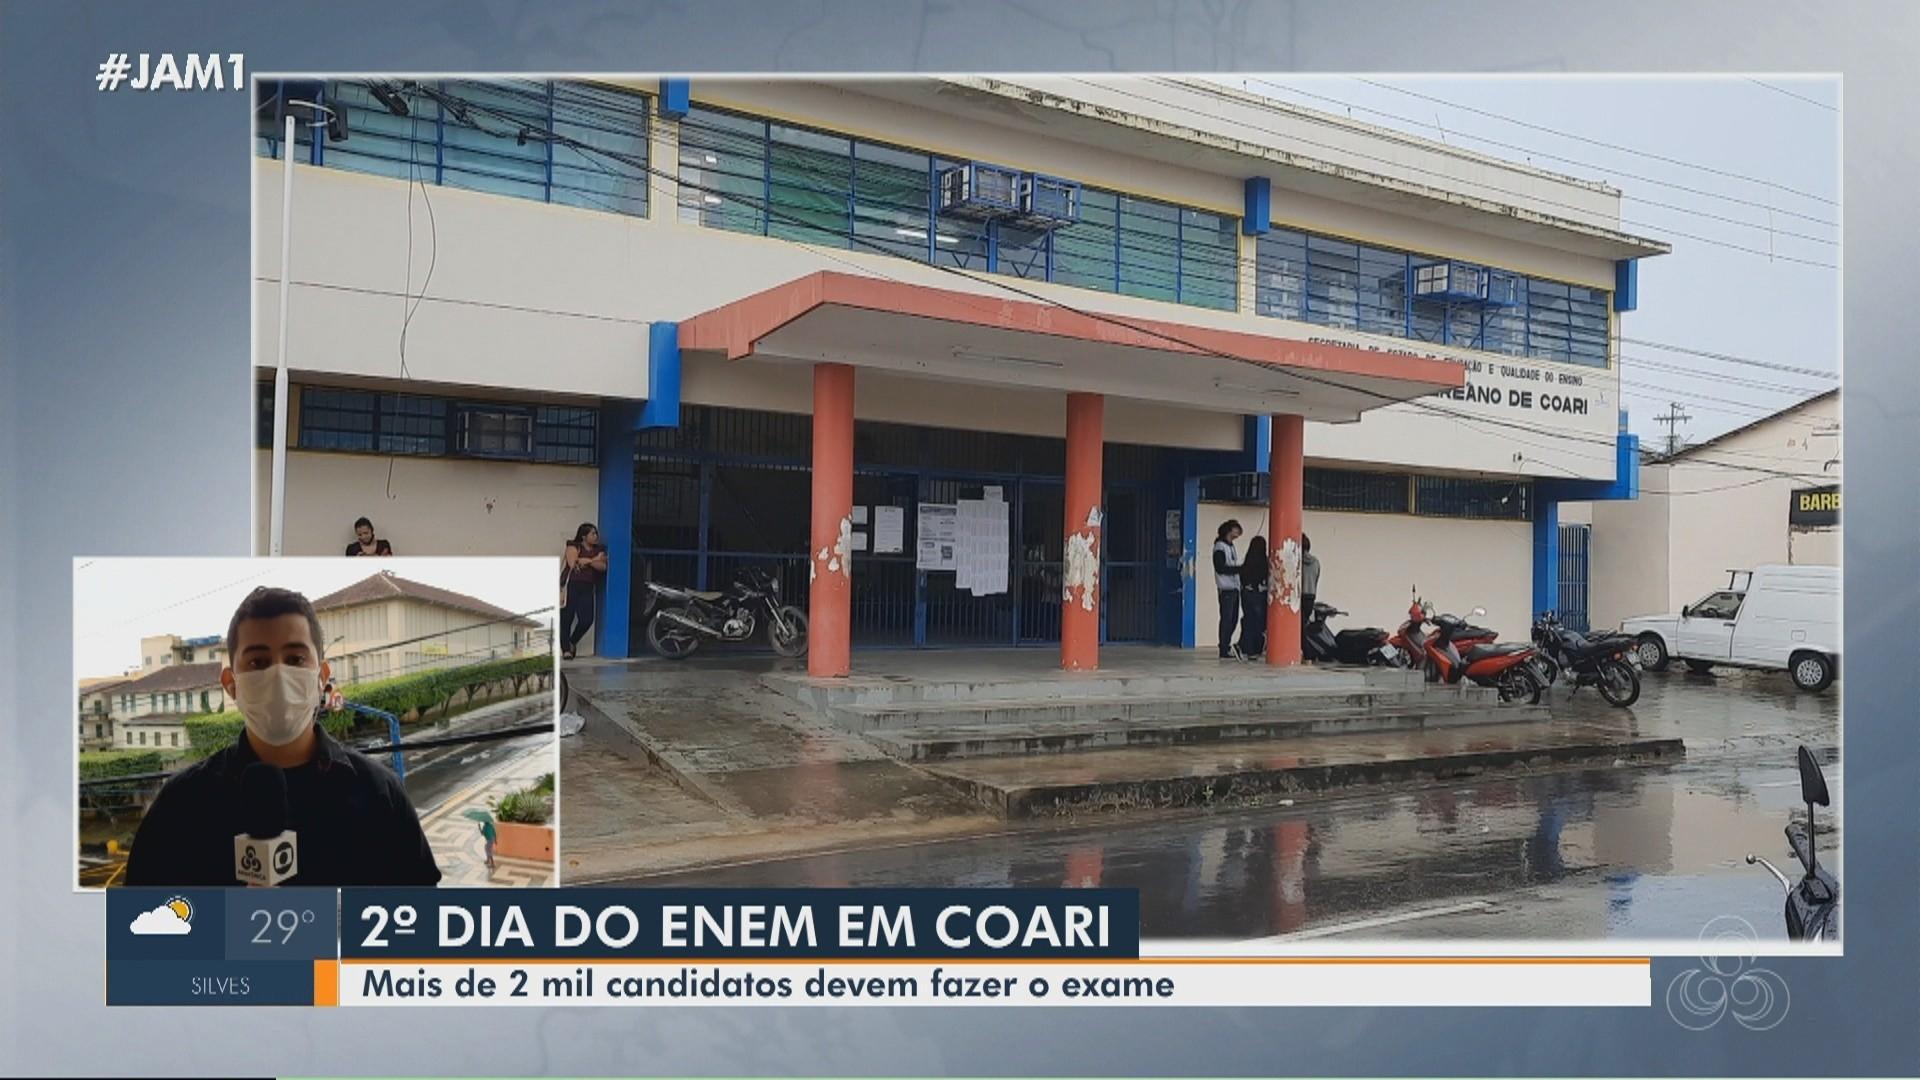 VÍDEOS: Mais de 2 mil famílias são afetadas pela cheia em Boca do Acre; veja destaques do JAM 1